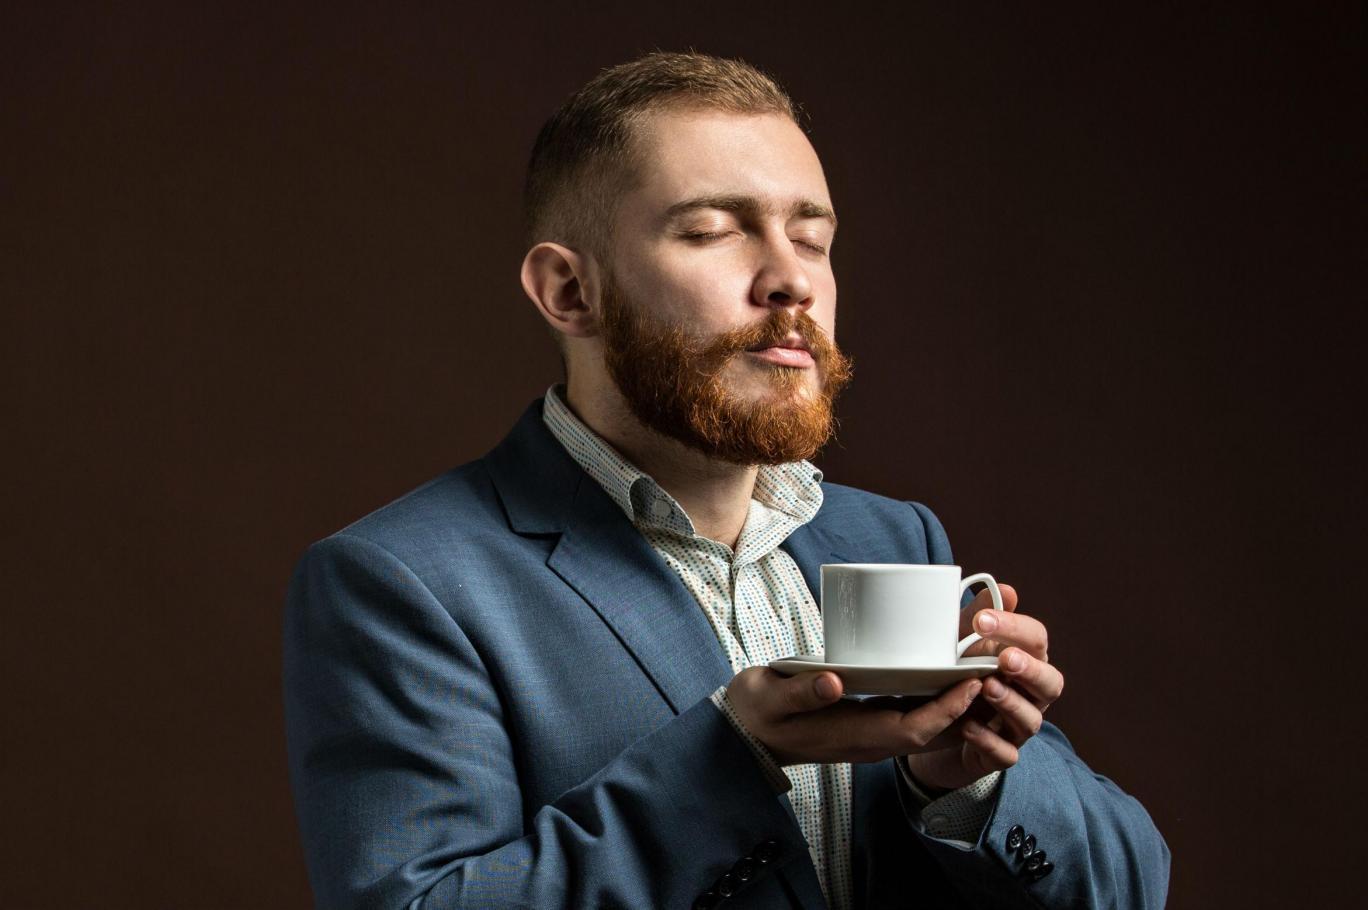 amire szüksége van egy állandó merevedéshez hogyan lehet visszaállítani a merevedést, ha ivott